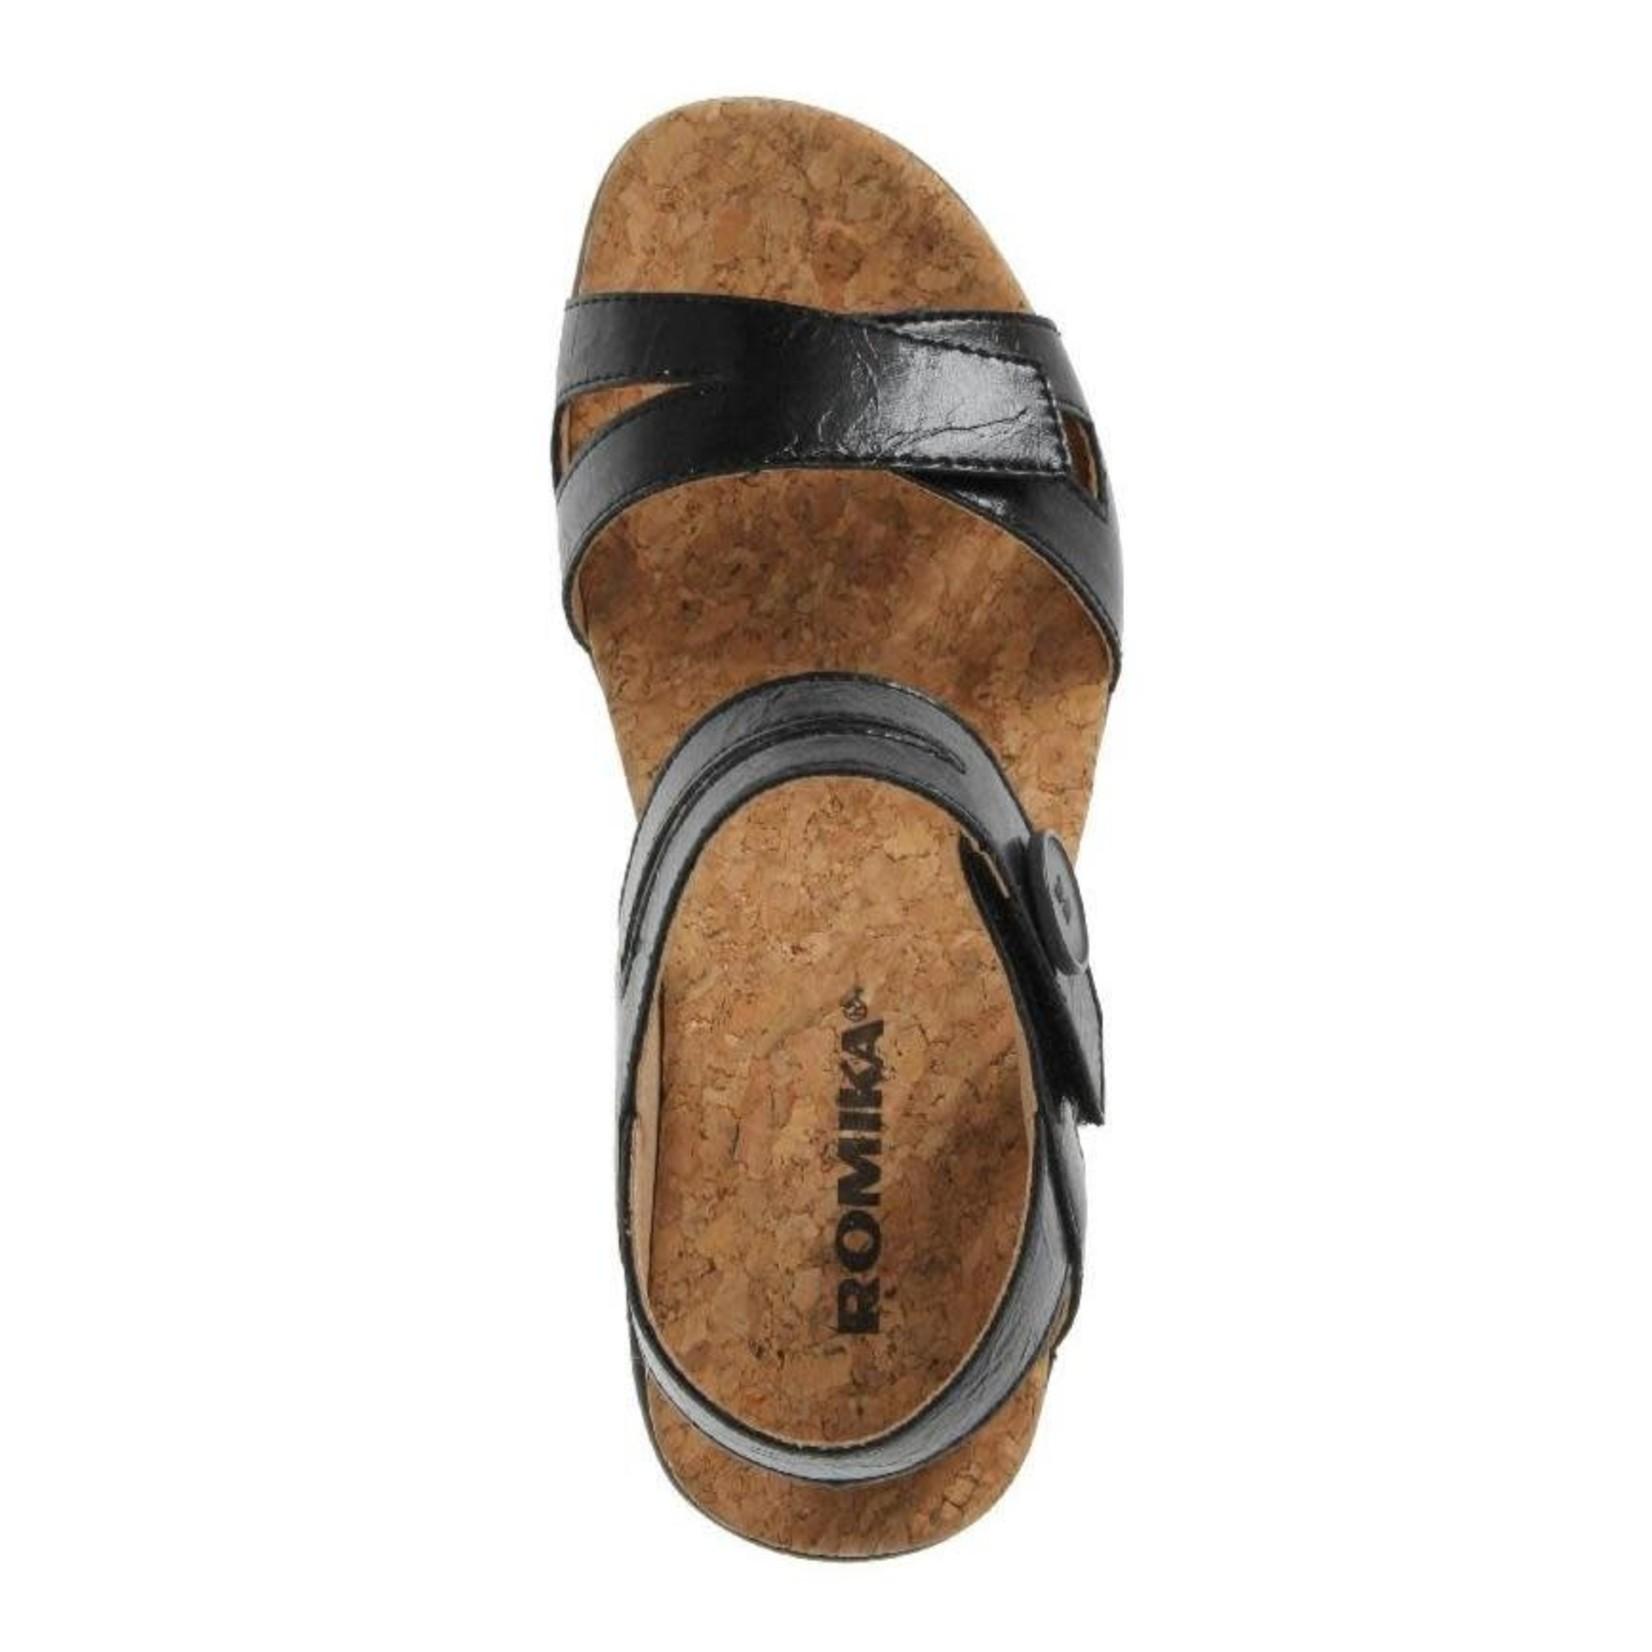 Romika Calgary 05 Adjustable Sandal